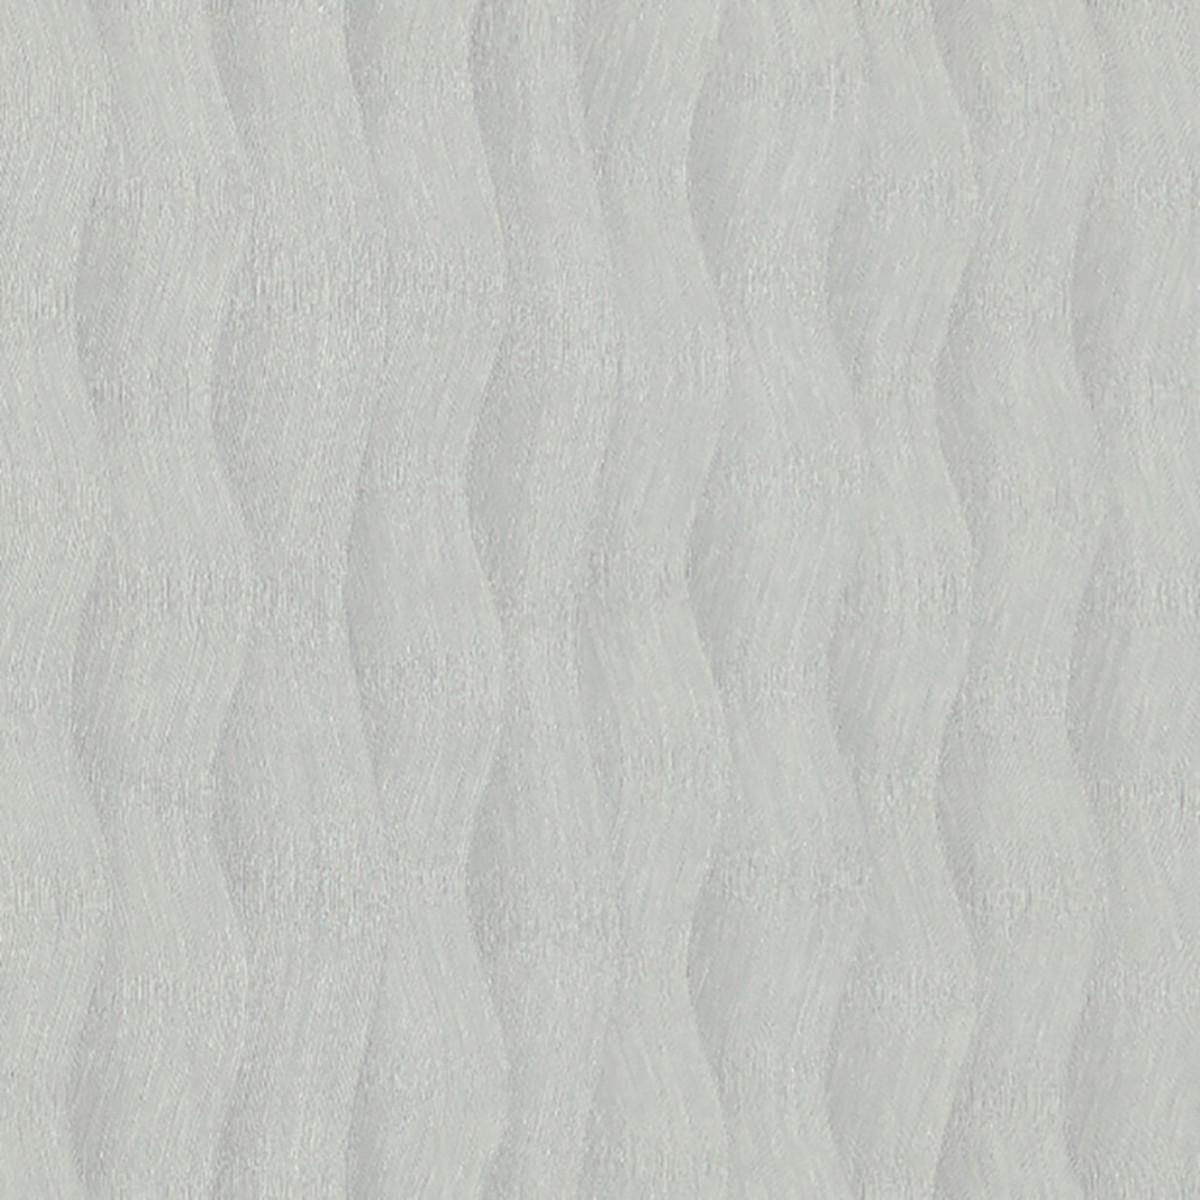 Обои флизелиновые Моф Malex design серые 1.06 м 4077-5